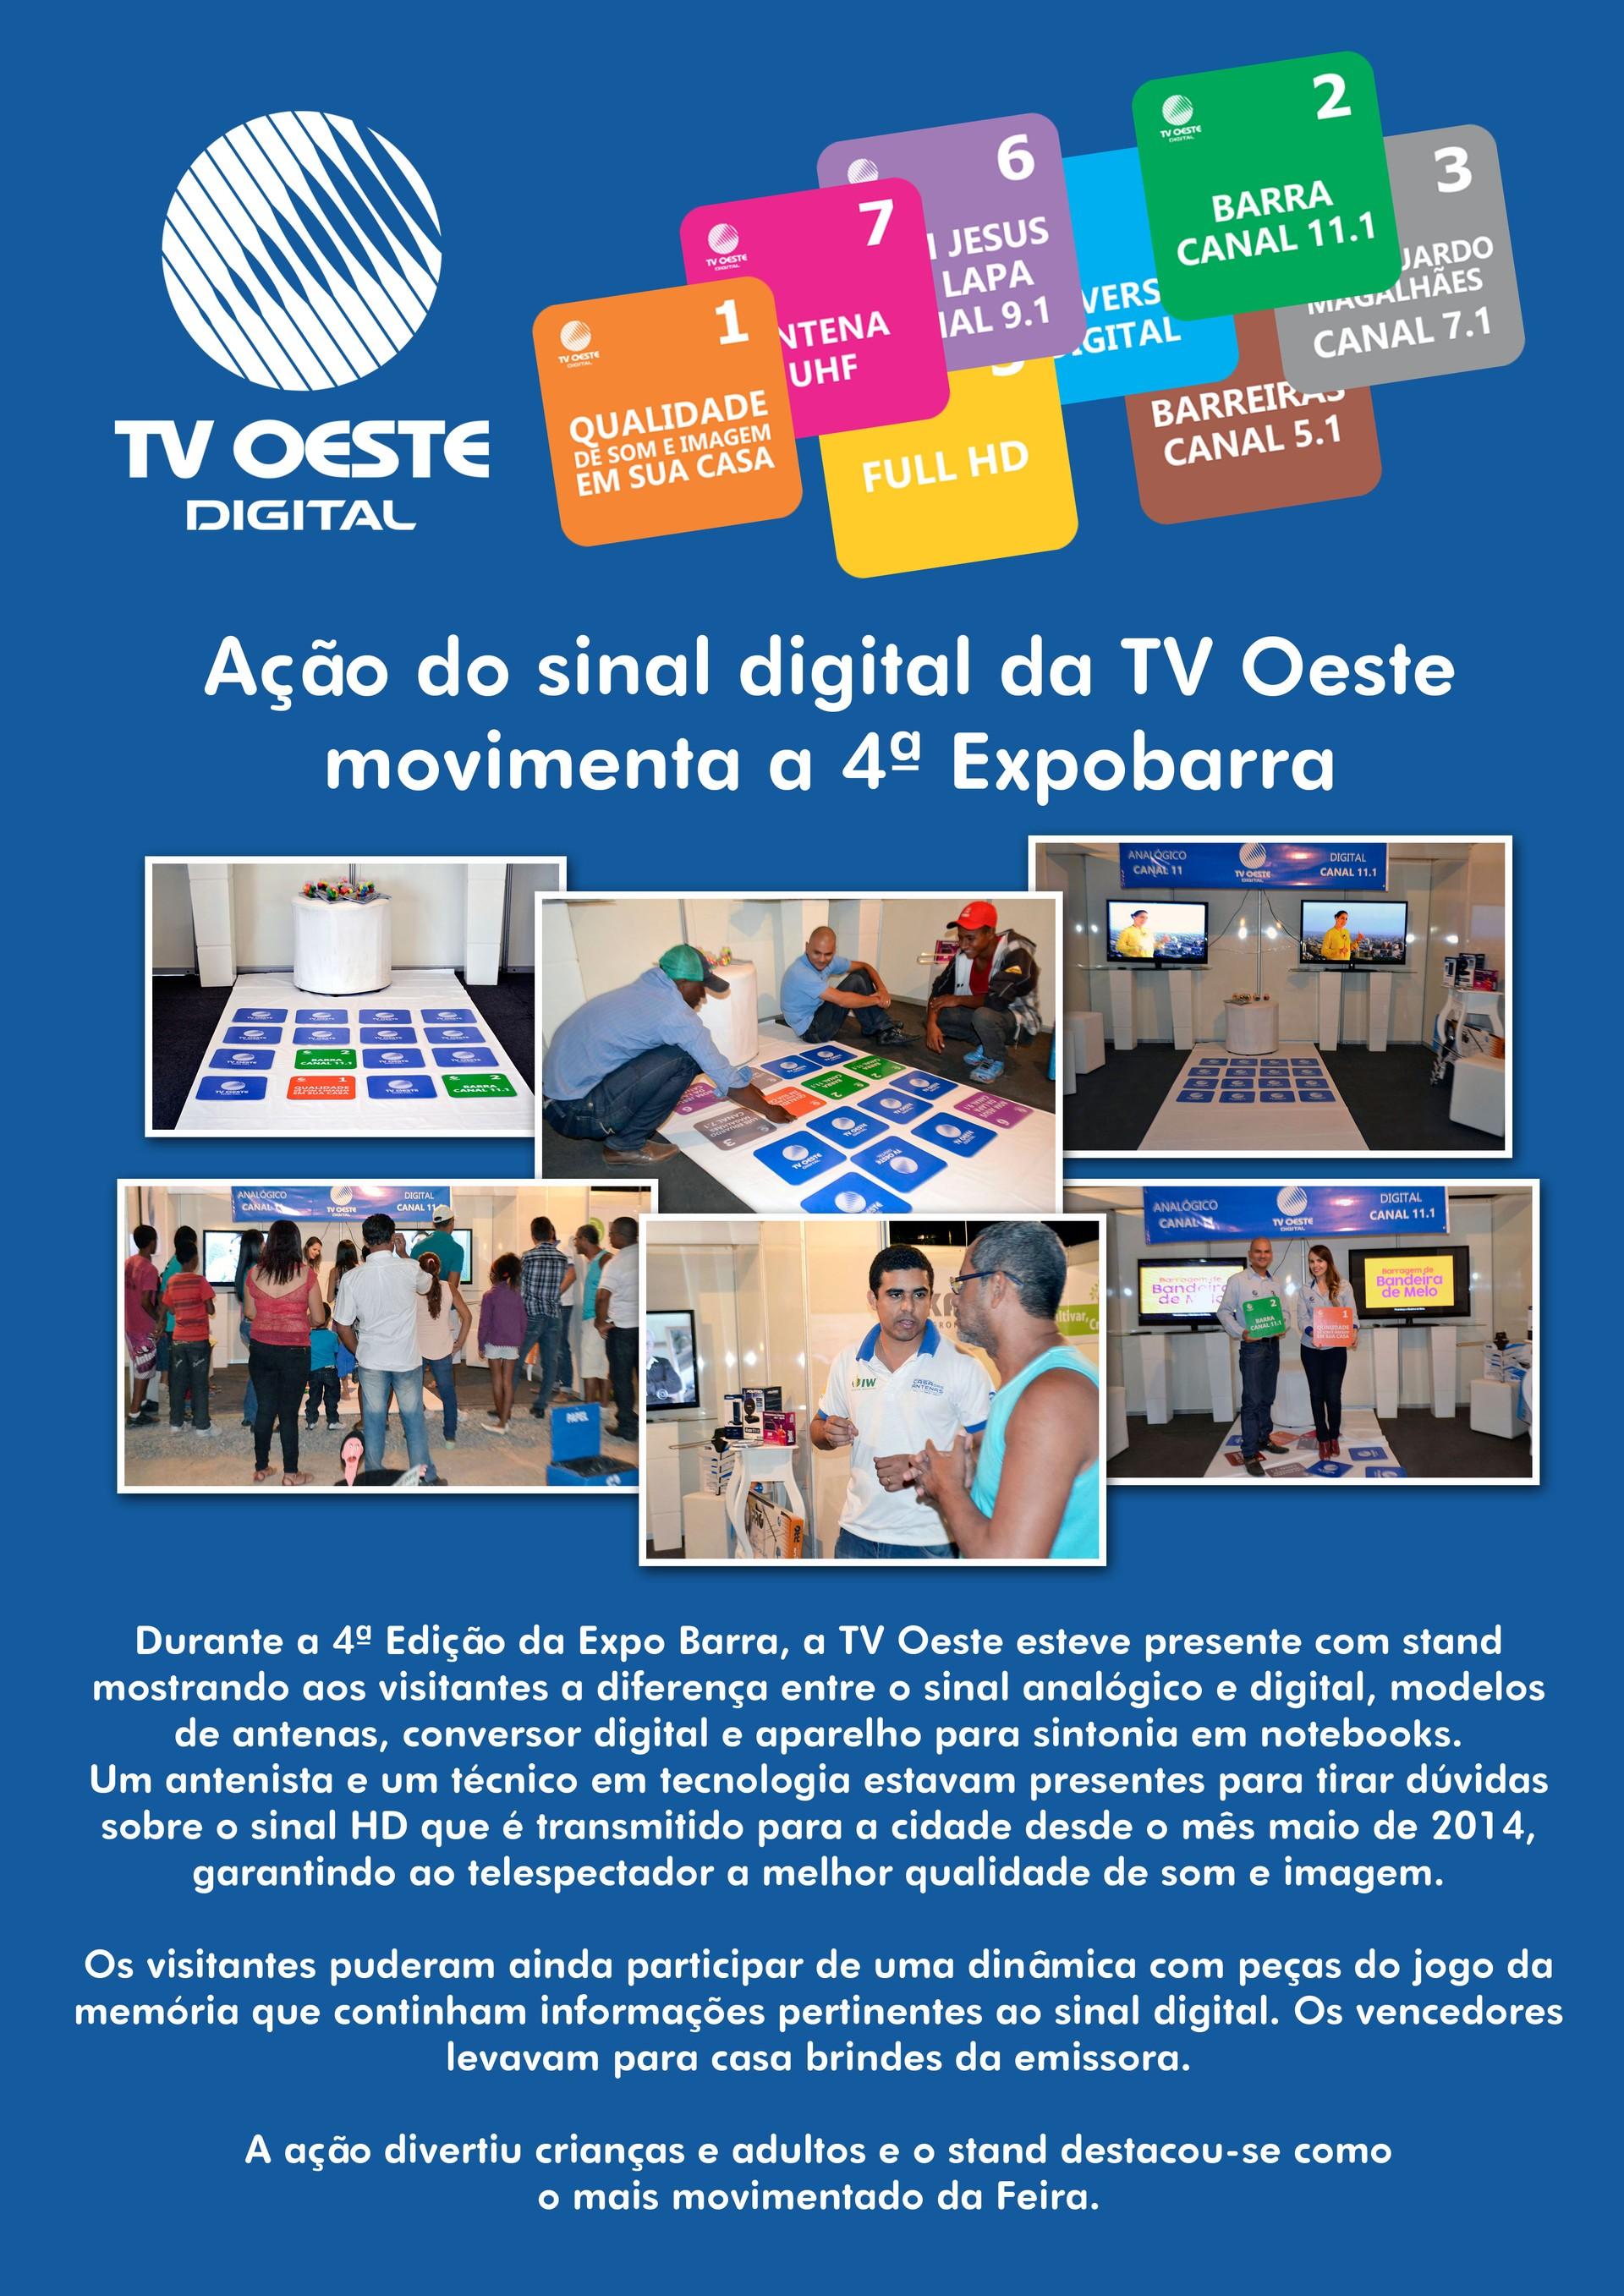 TV Oeste Digital (Foto: divulgação)